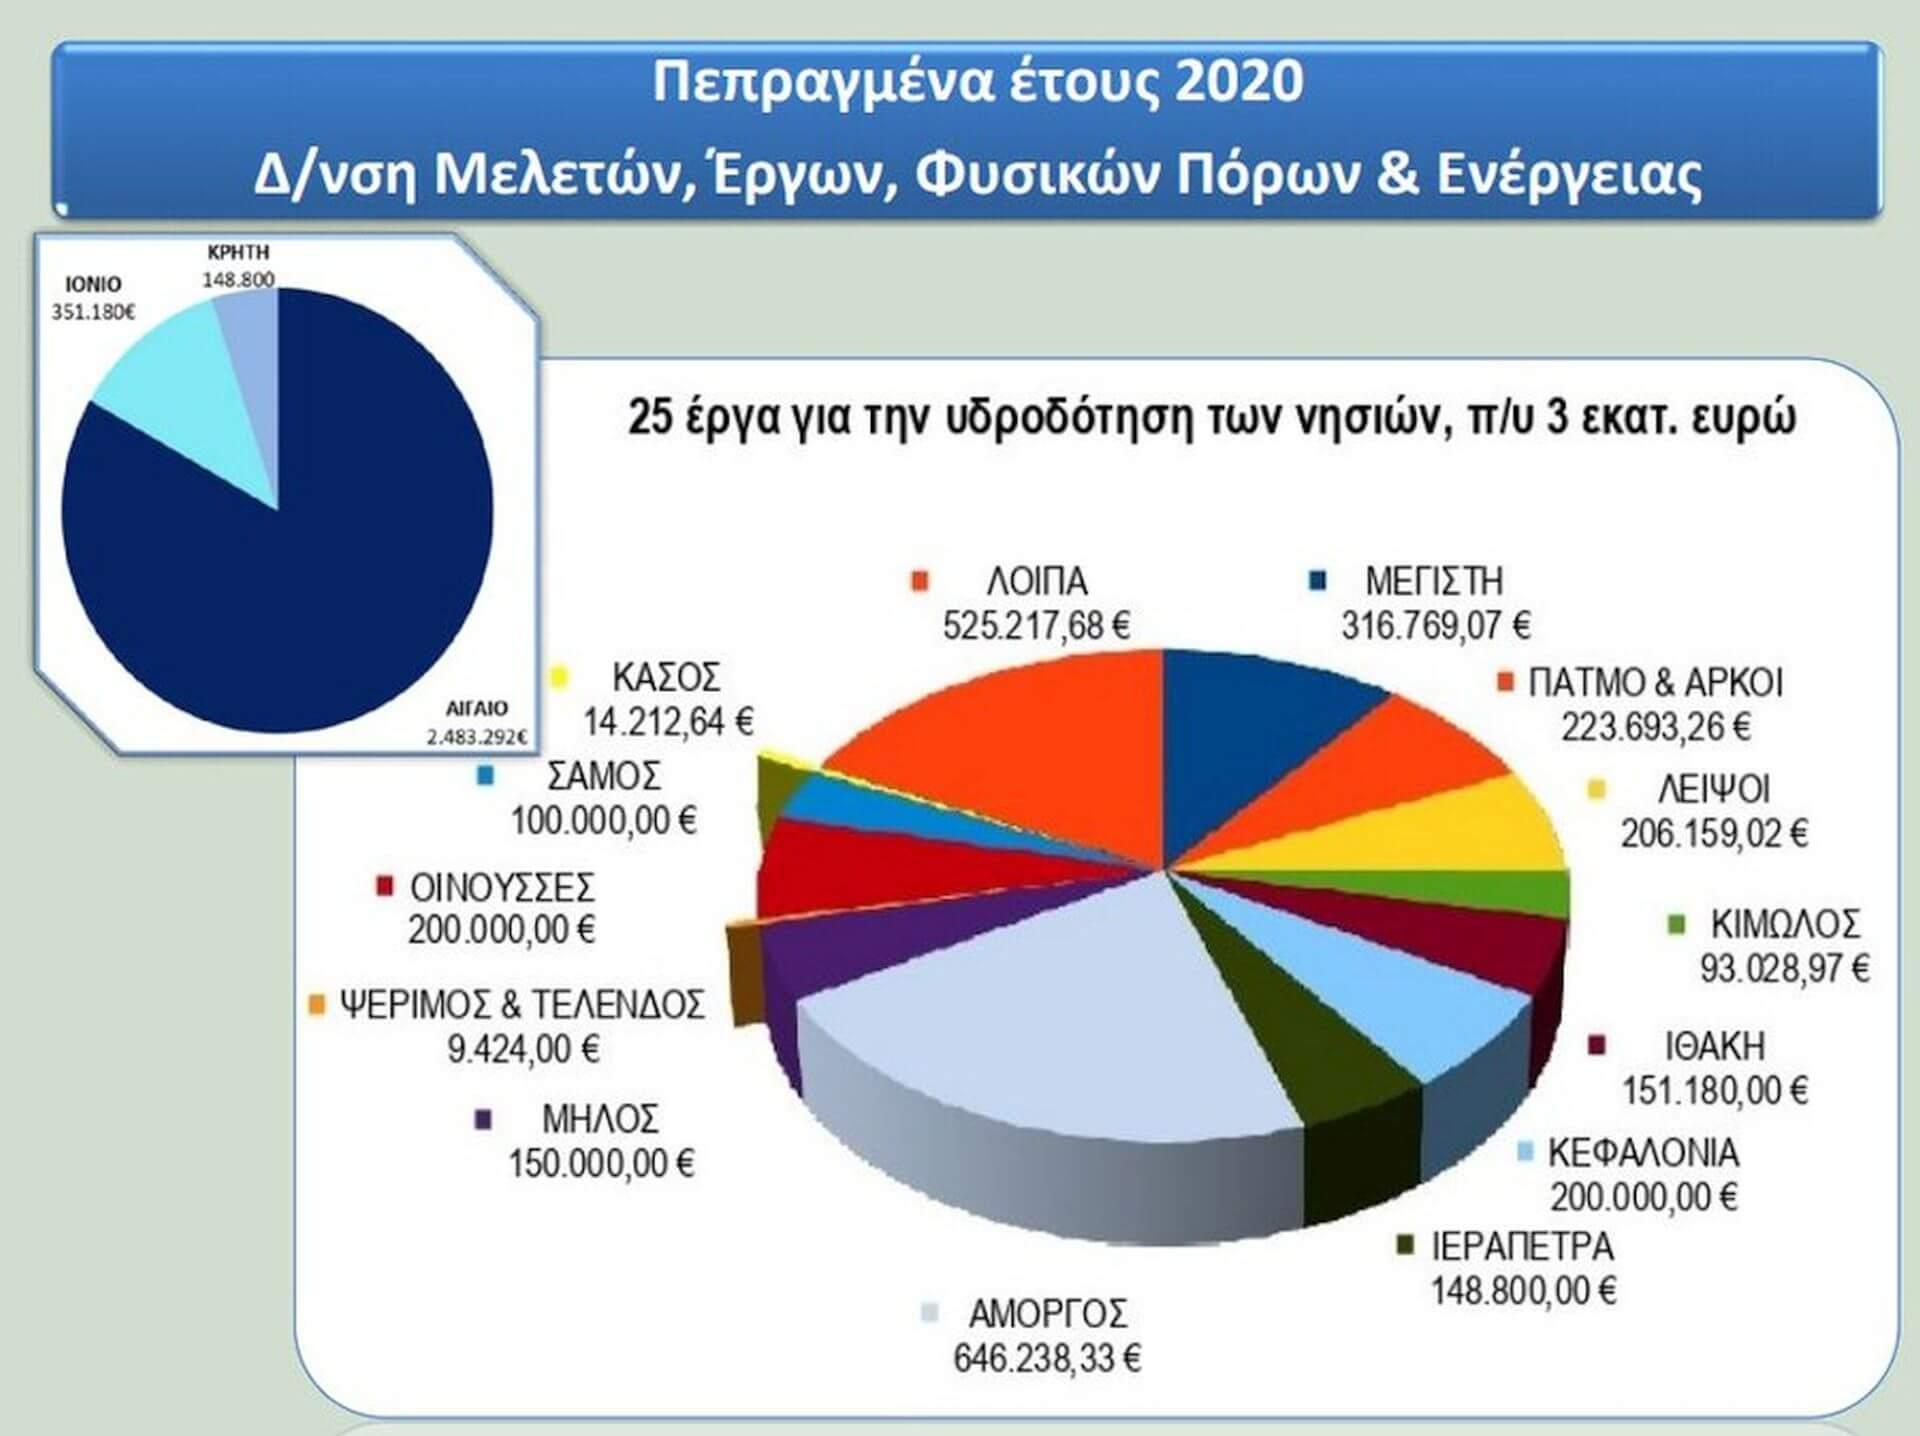 3 εκατ. ευρώ για την αντιμετώπιση της λειψυδρίας νησιών το 2020